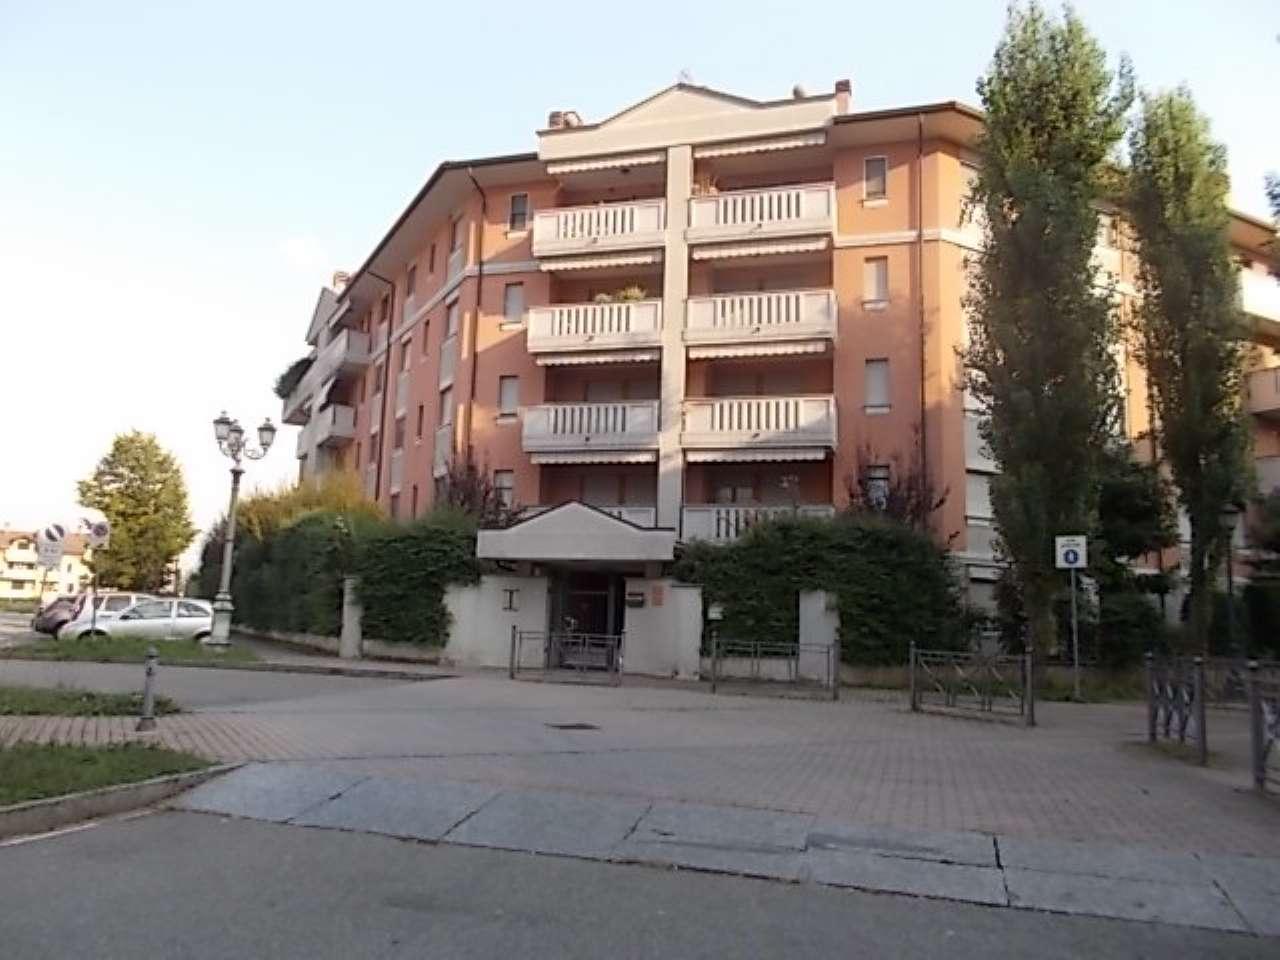 Appartamento in vendita a Arluno, 1 locali, prezzo € 70.000 | CambioCasa.it